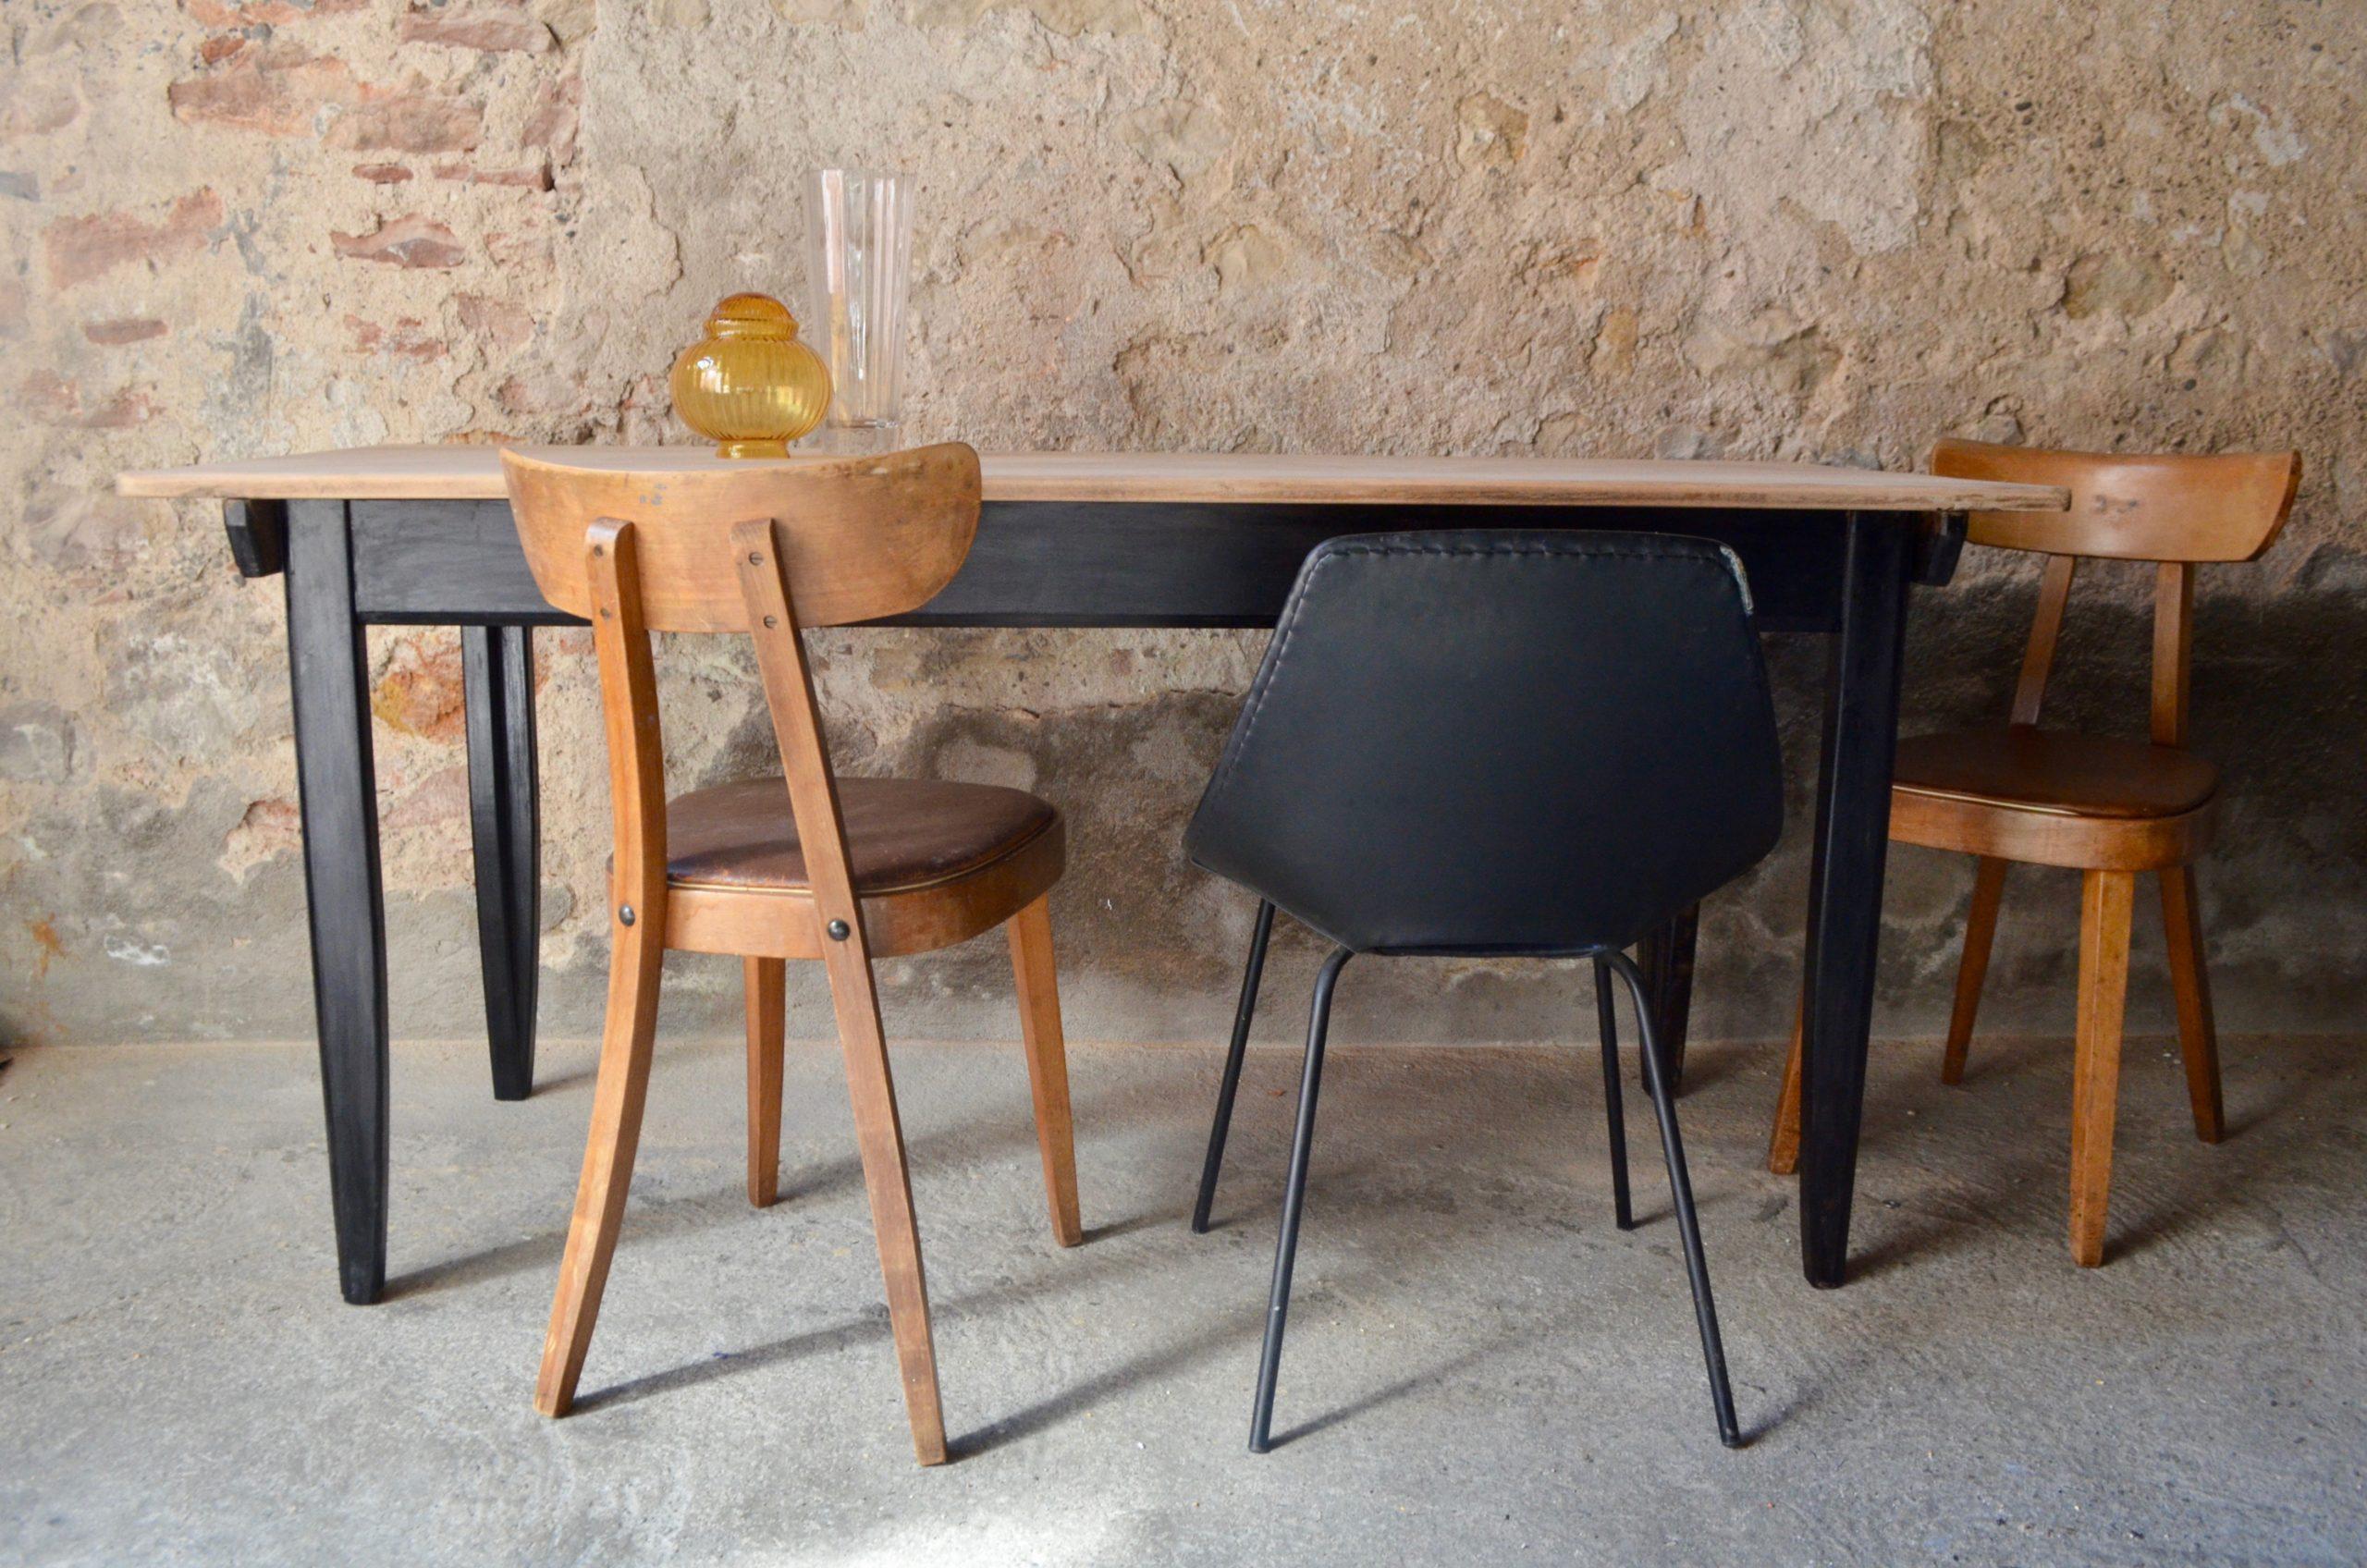 Table de ferme Mérédith   L'atelier Belle Lurette, Rénovation de meubles  vintage